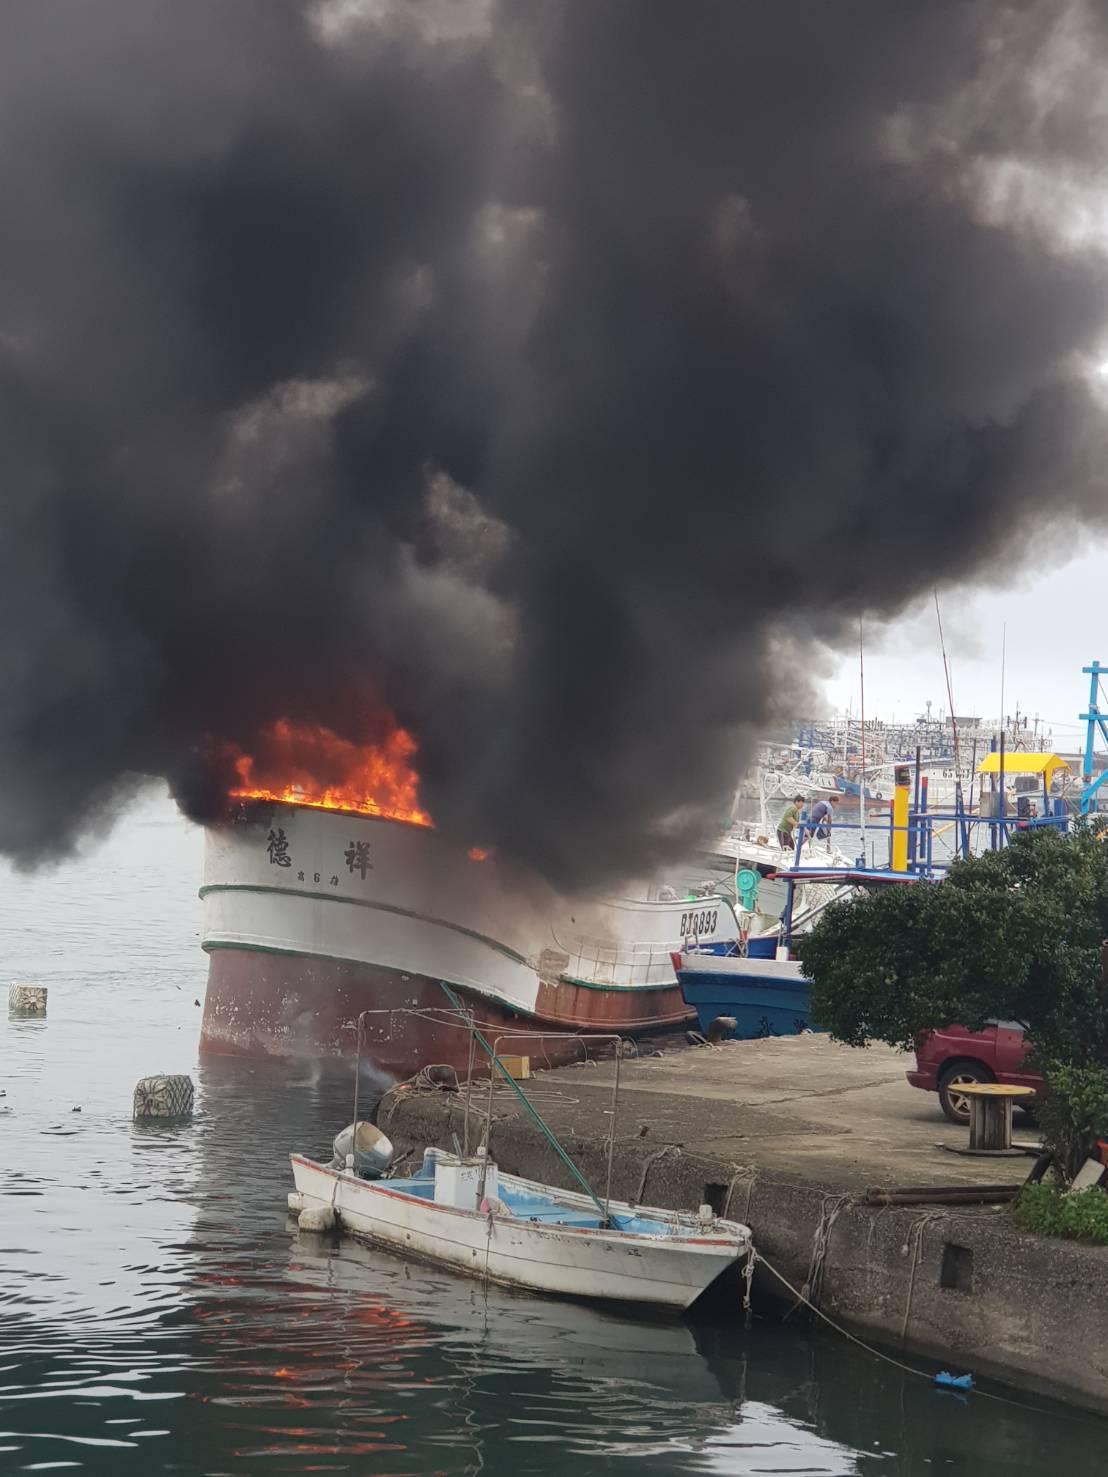 八斗子港內一艘漁船起火燃燒,消防隊前往灌救。圖/基隆區漁會總幹事陳文欽提供